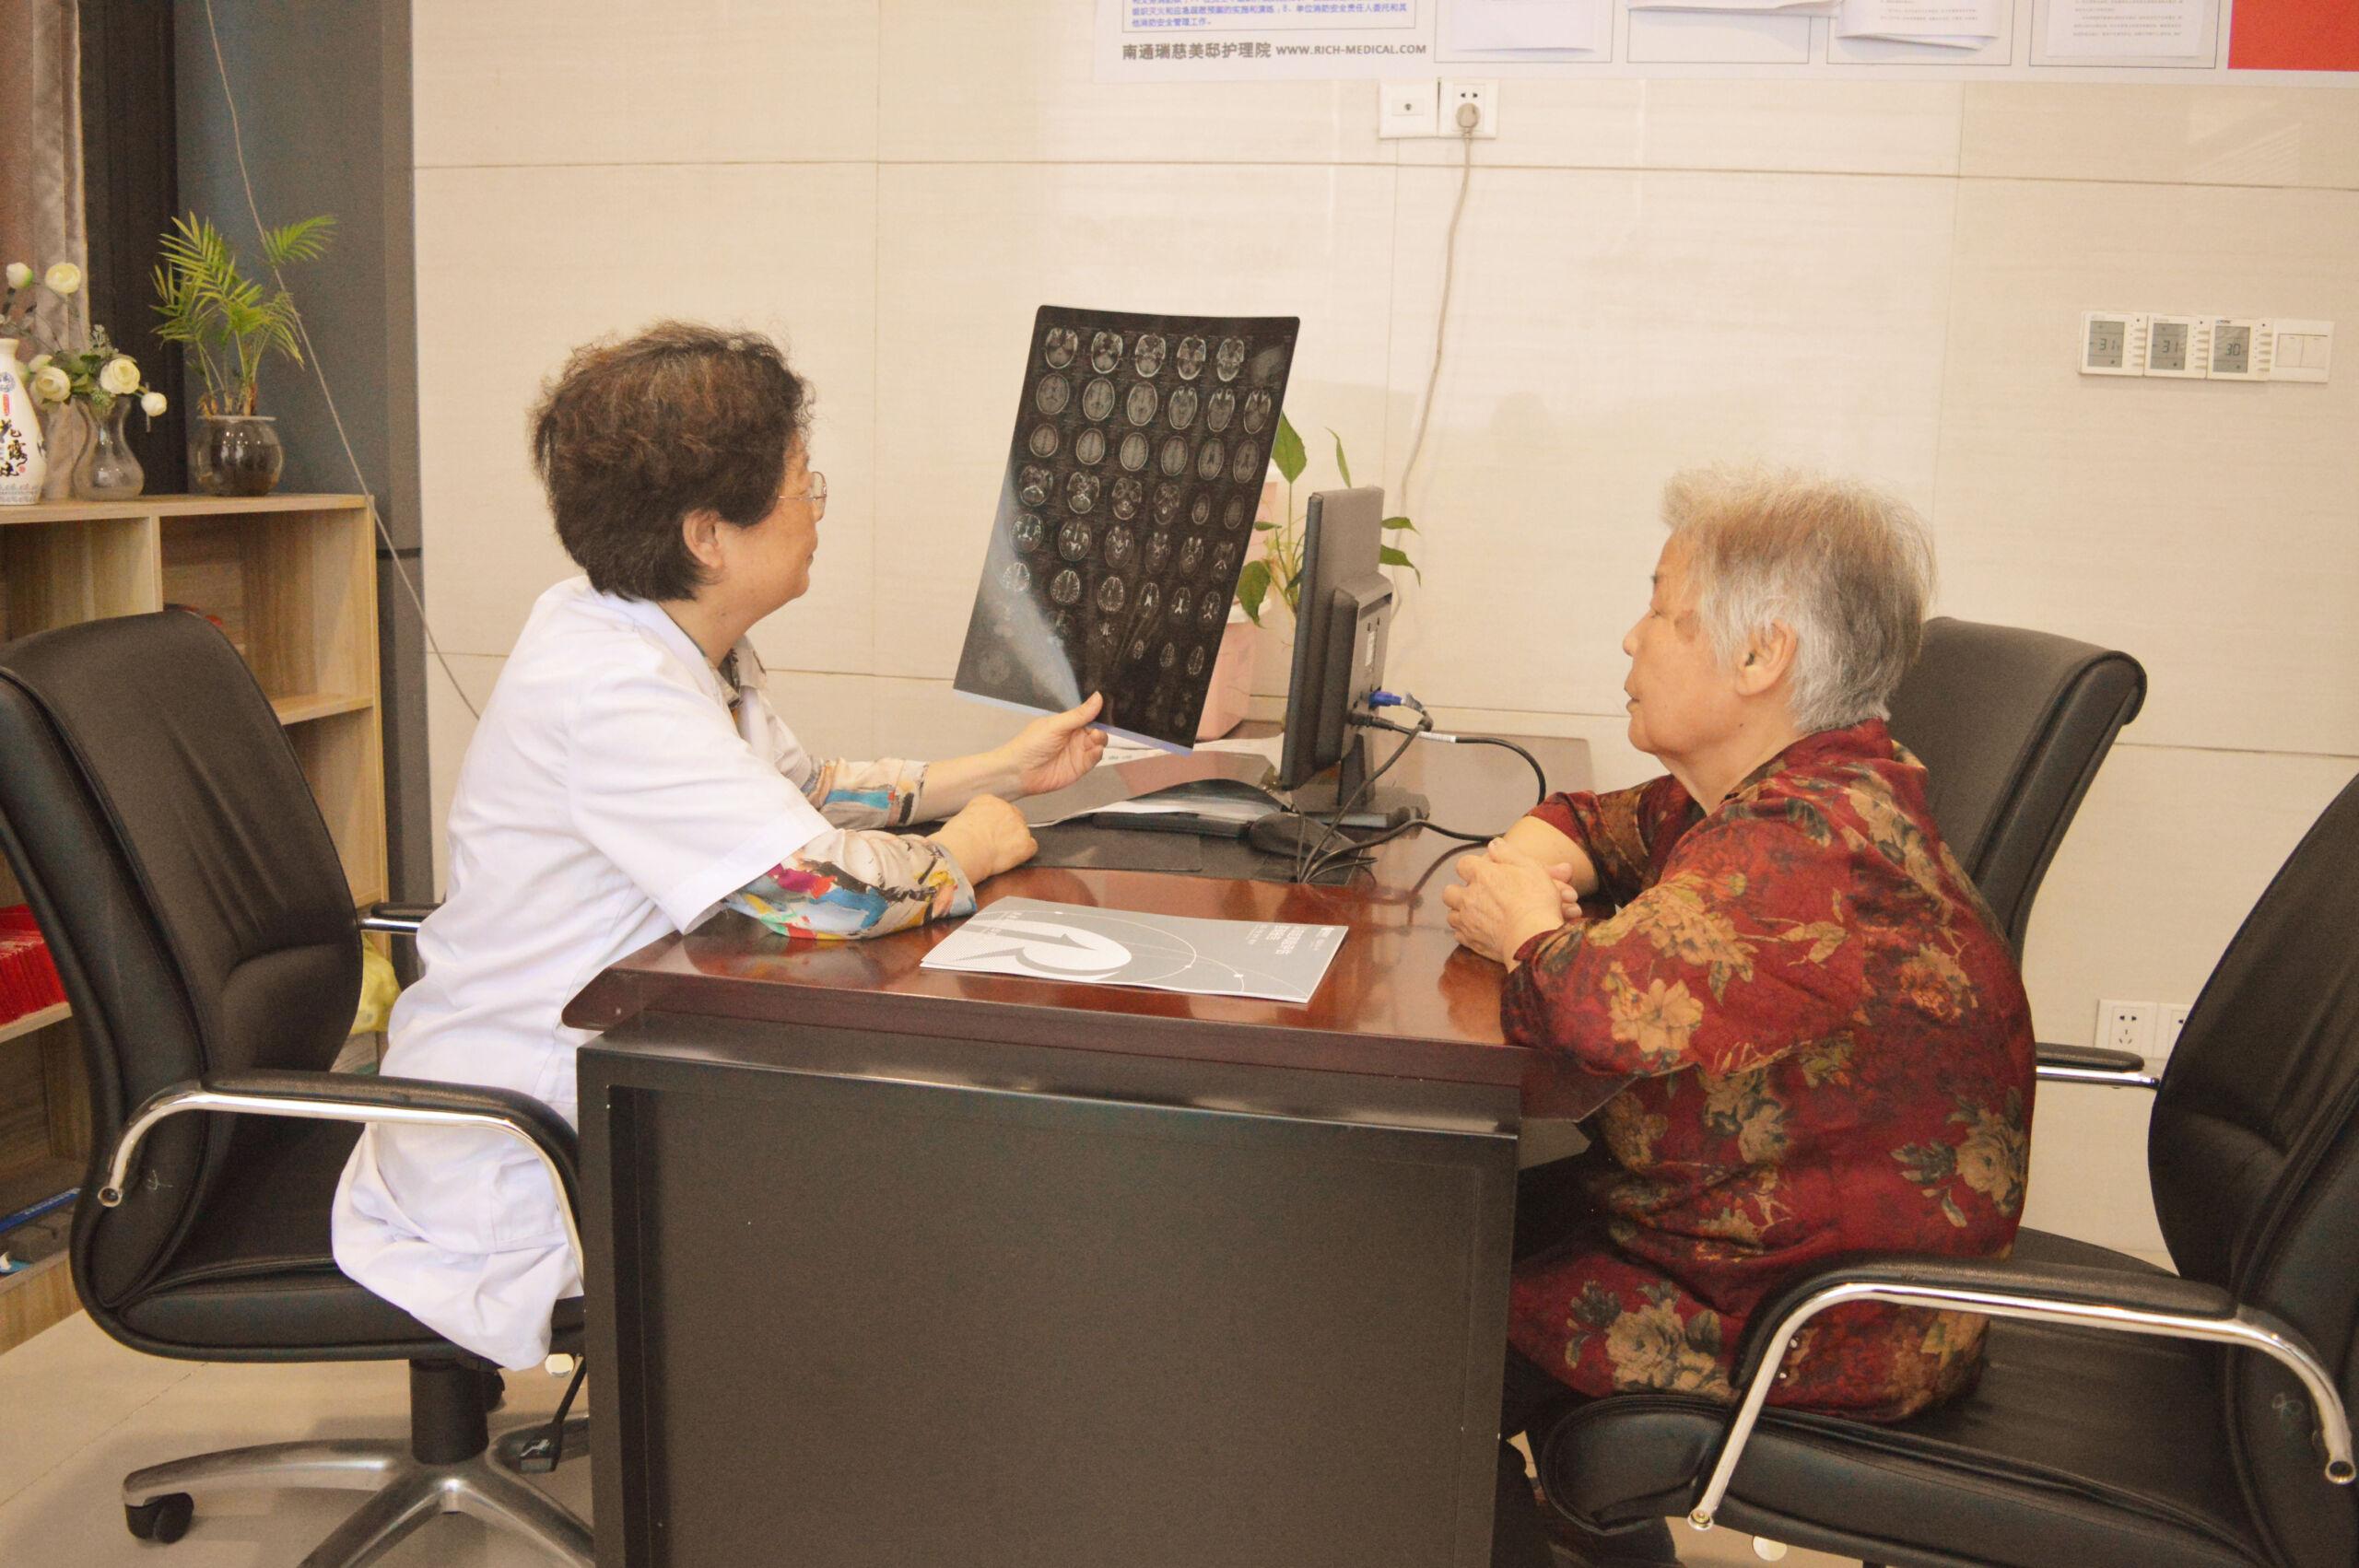 中国で認知症早期発見プログラムを本格始動